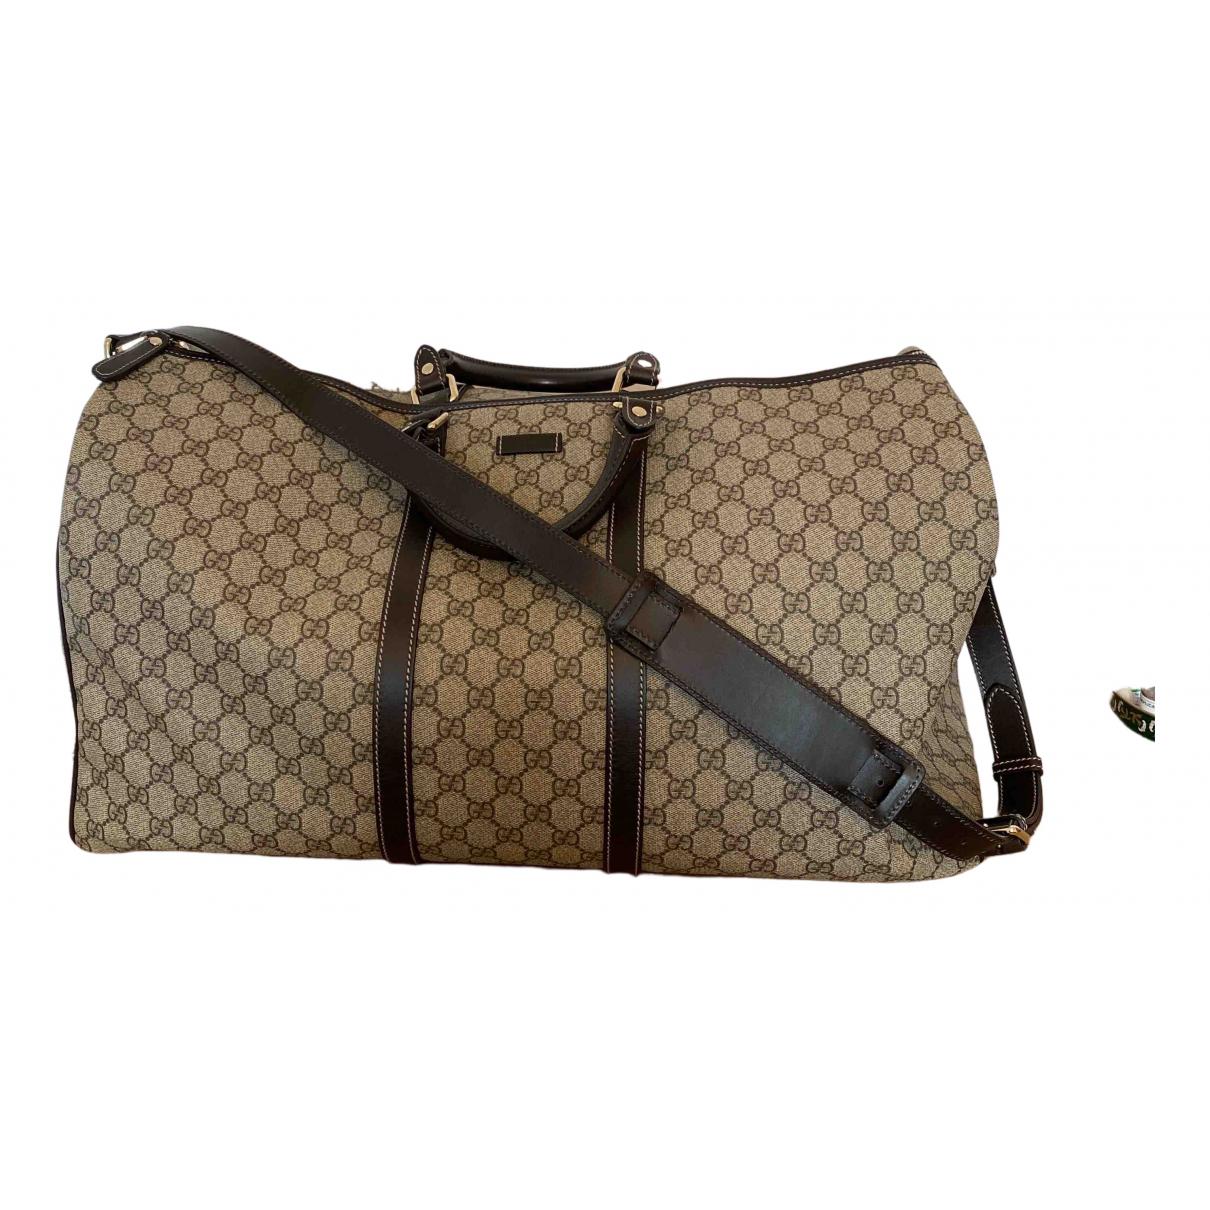 Bolso de viaje Boston de Lona Gucci